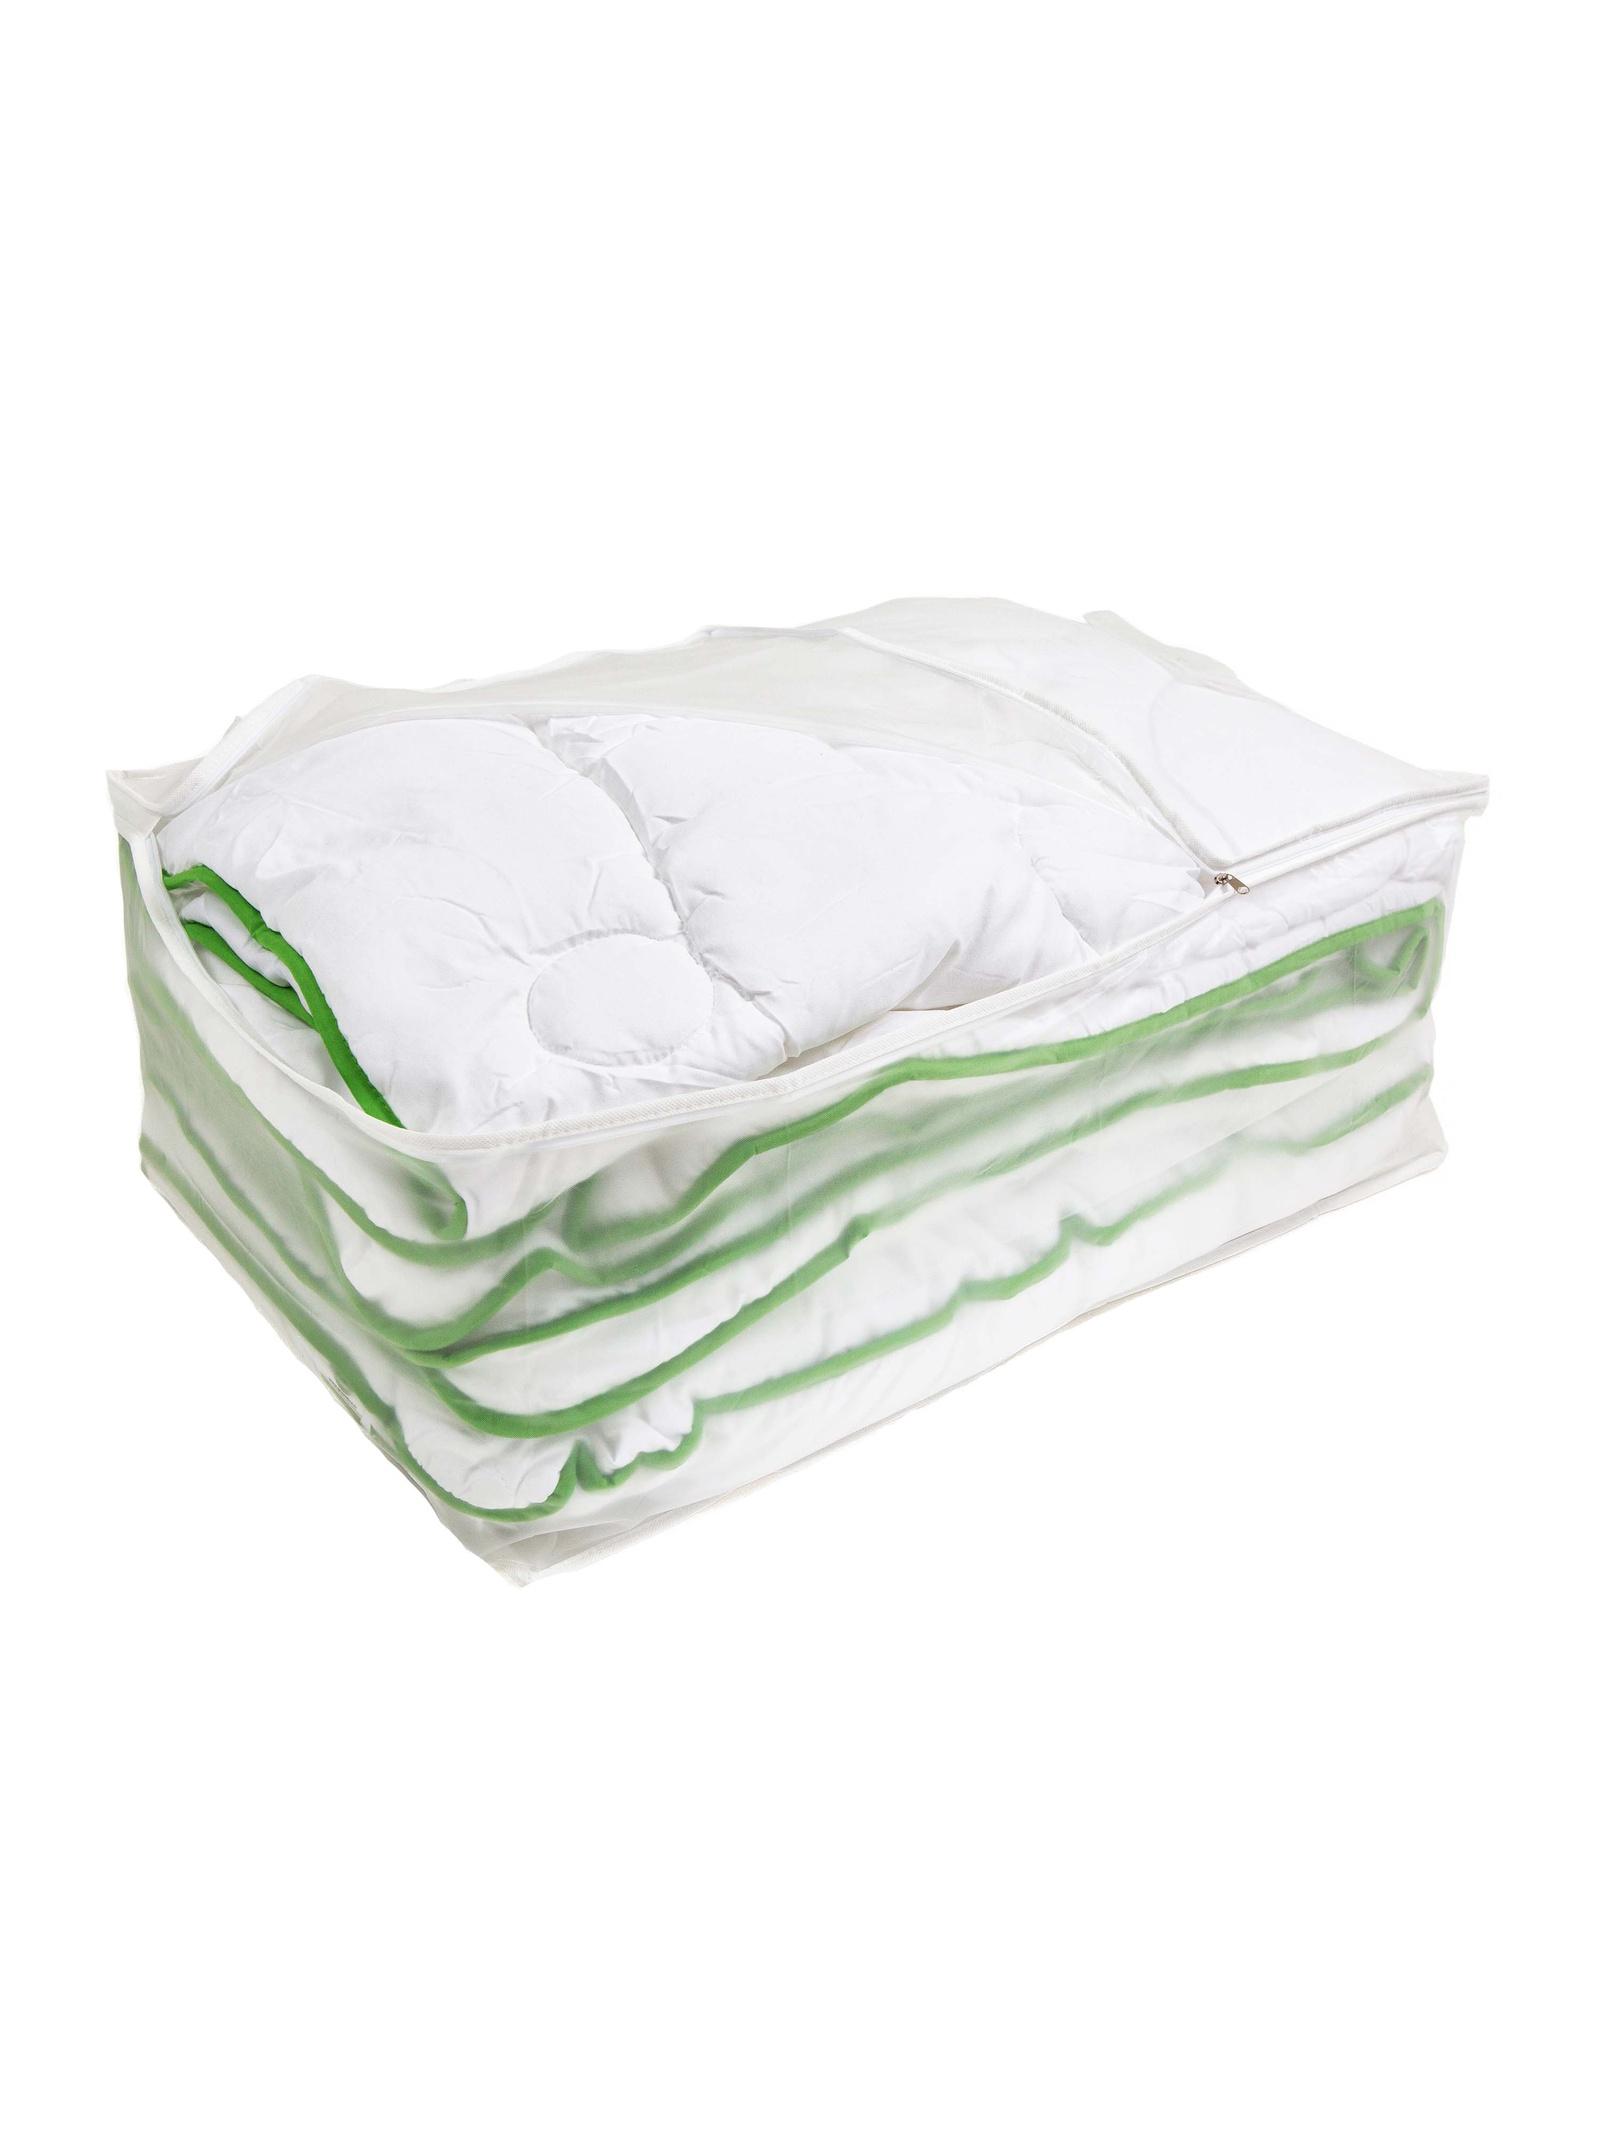 лучшая цена BELLACASA Подкраватный чехол на молнии для хранения постельных принадлежностей